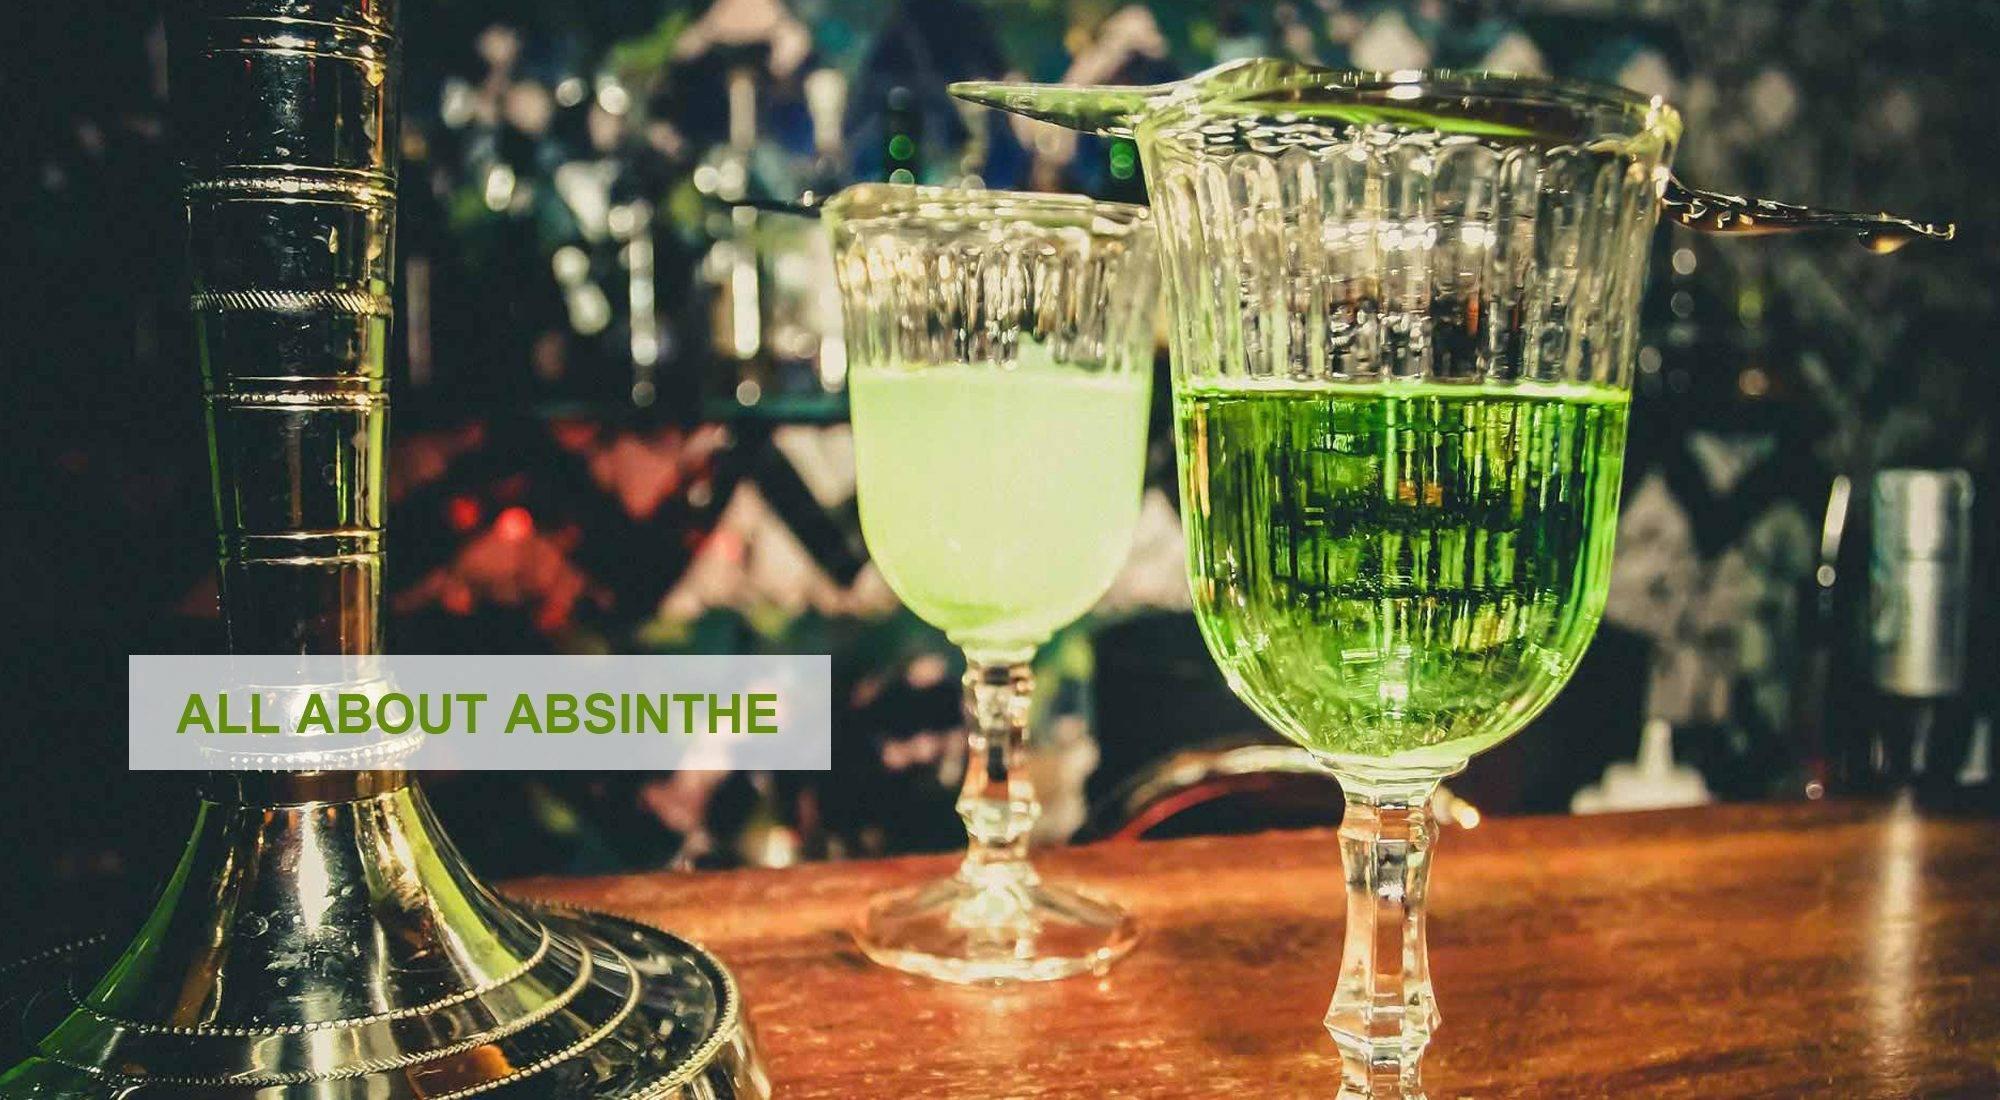 Как правильно пить абсент в домашних условиях — способы. с чем пьют абсент, можно ли пить чистым. чем нужно закусывать абсент